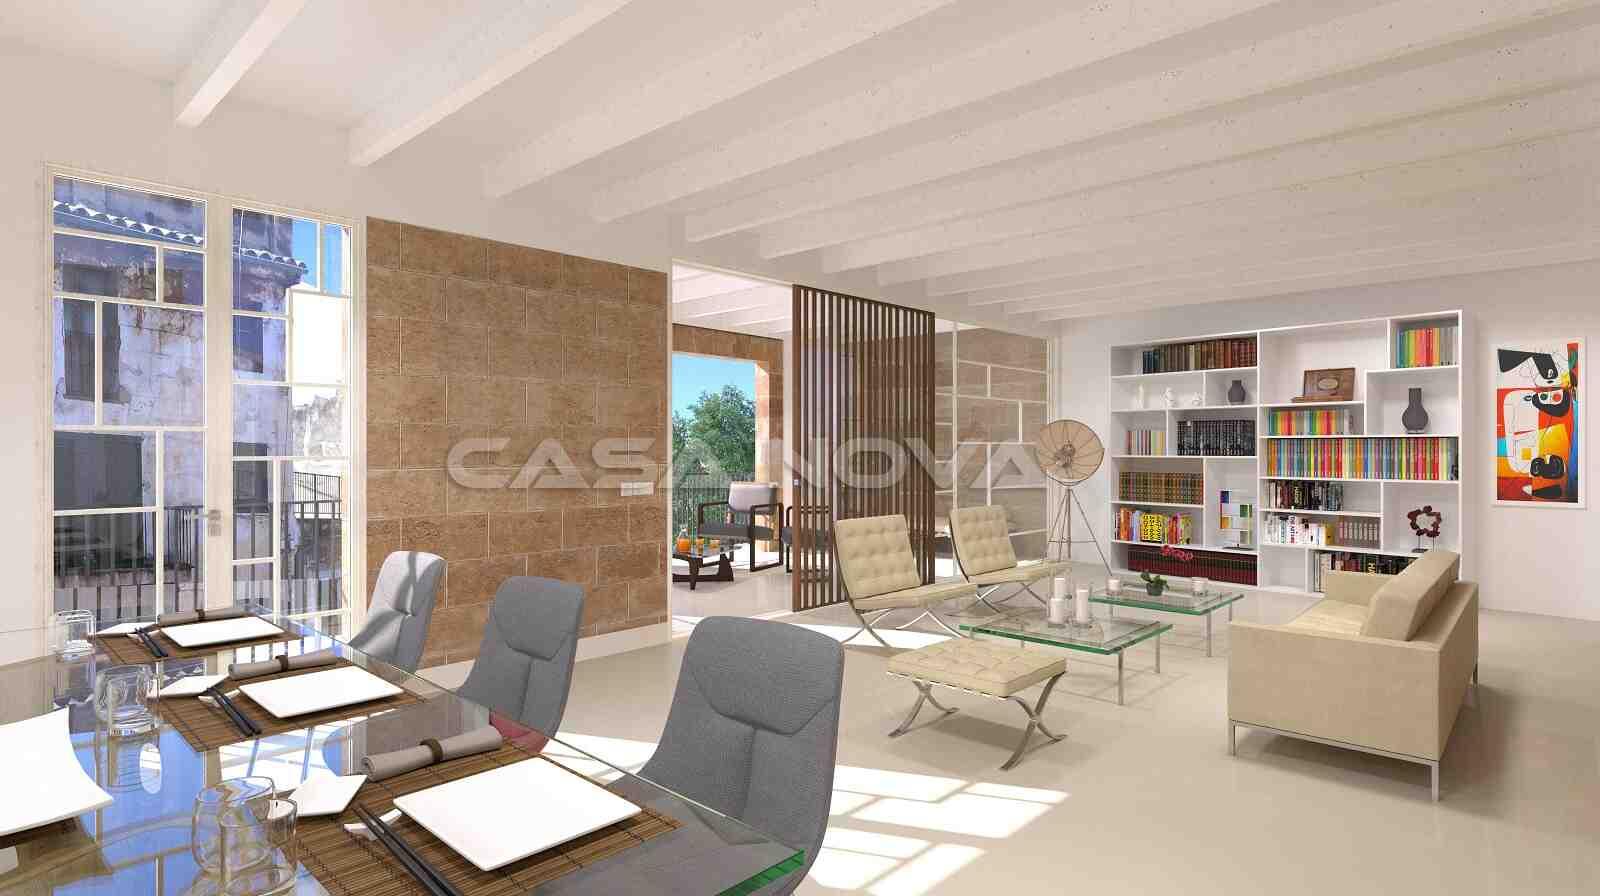 Hochwertig modernisierter Wohnraum mit natürlichem Licht